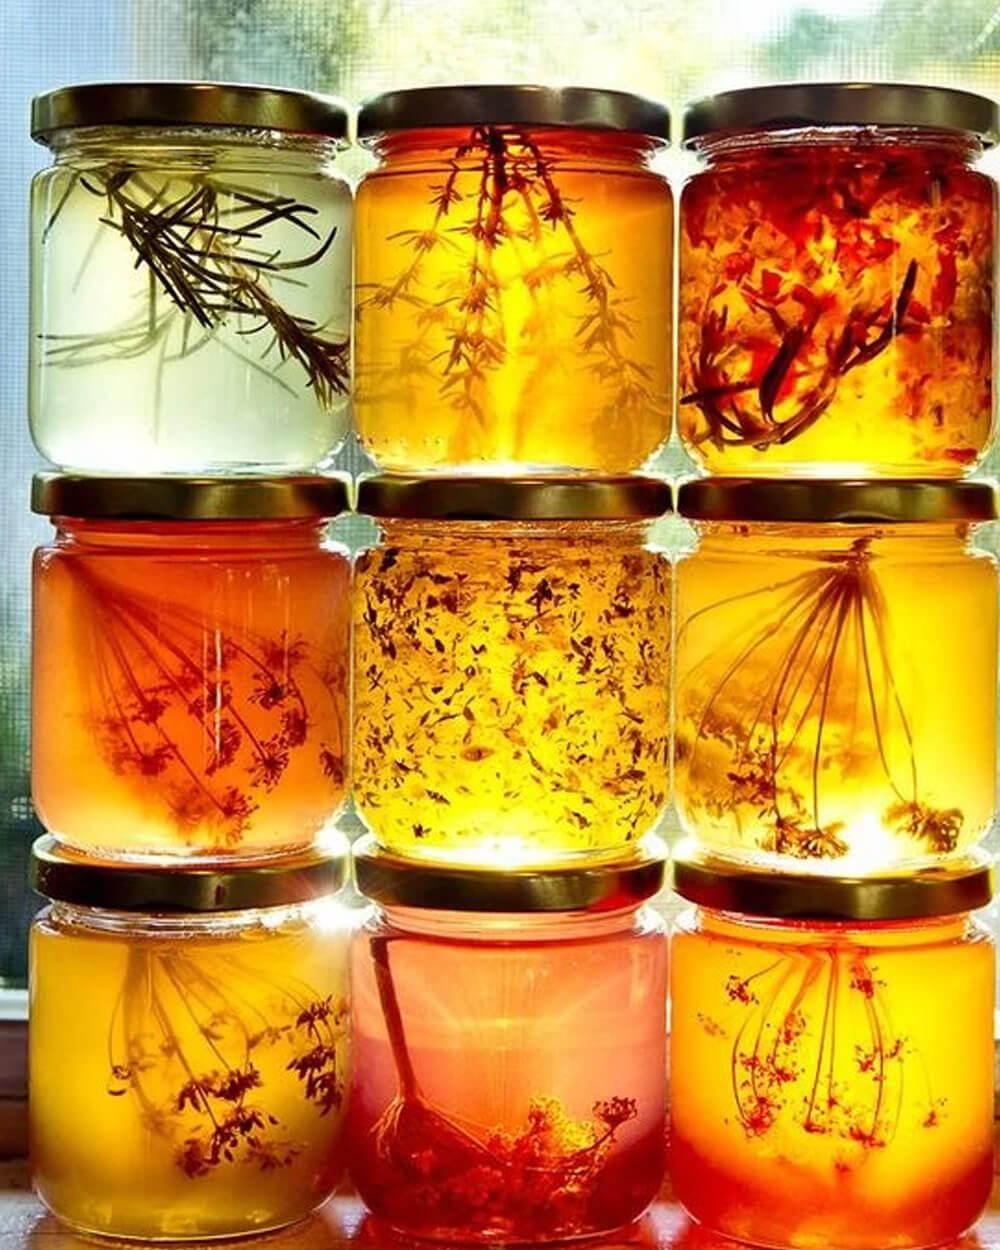 Honeycore cottagecore aesthetic